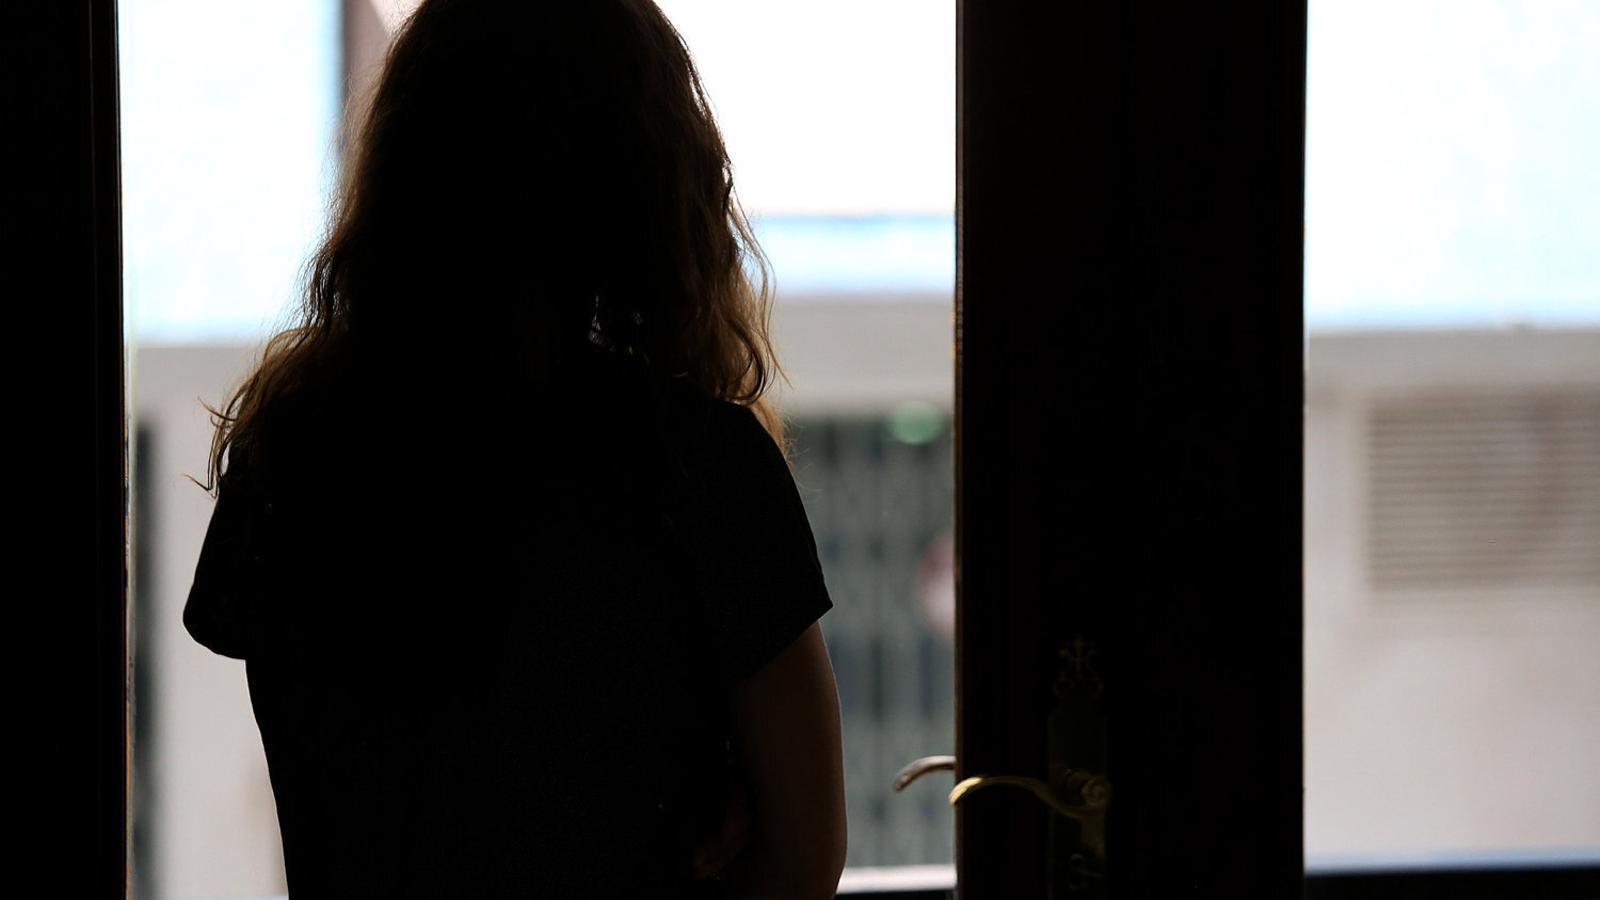 Les dones de les Balears són més propenses a denunciar la violència masclista